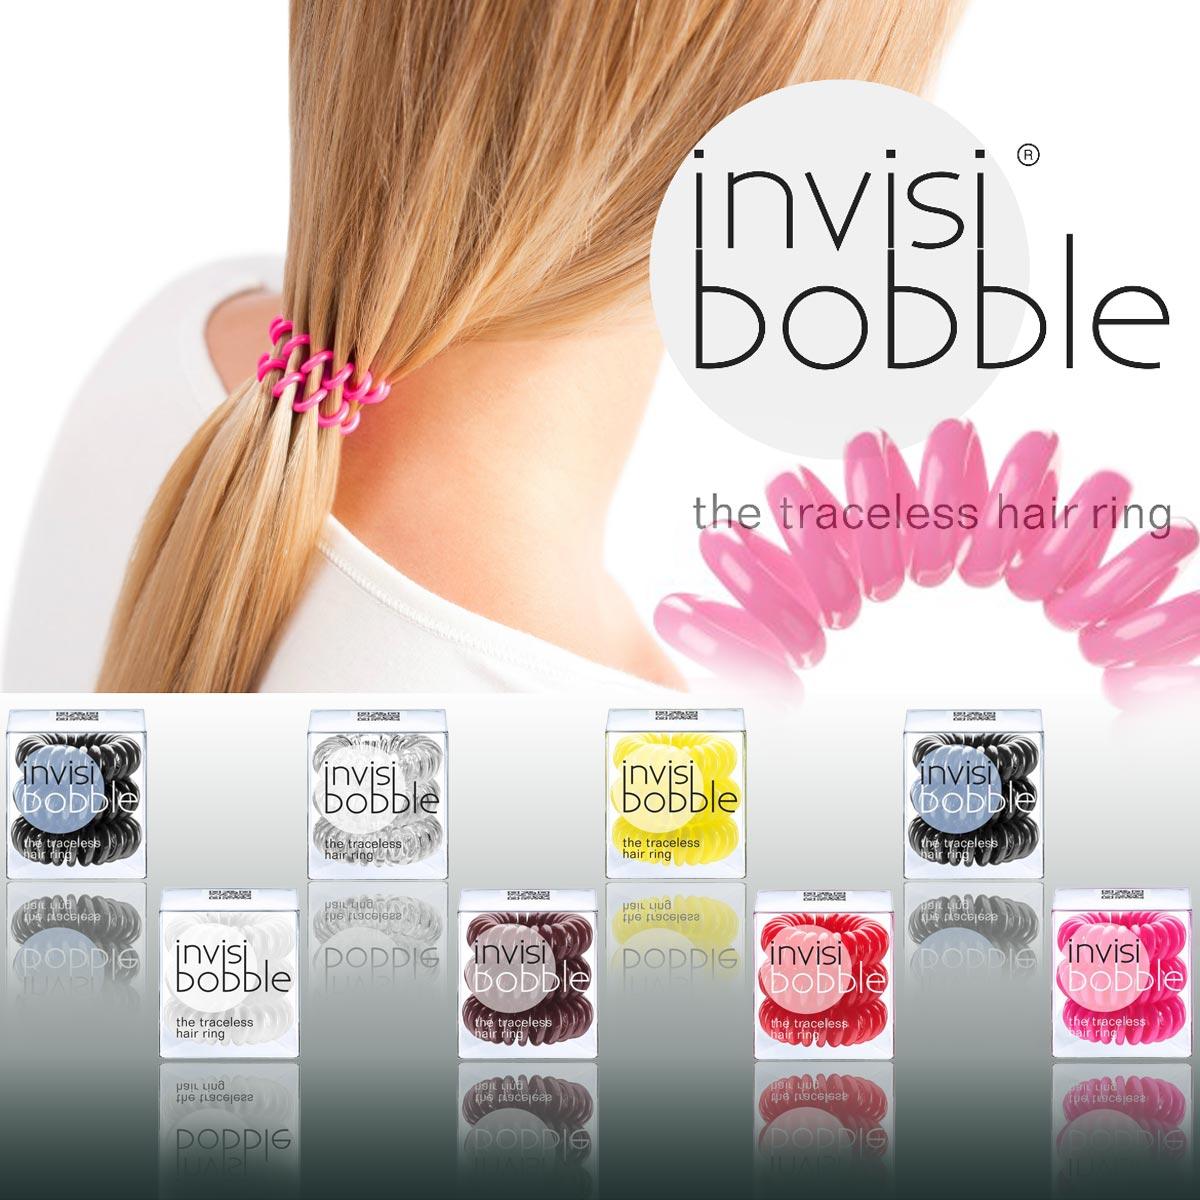 Hitom medzi vlasovými doplnkami je Invisibobble – neviditeľná gumička pripomínajúca staré telefónne šnúry.